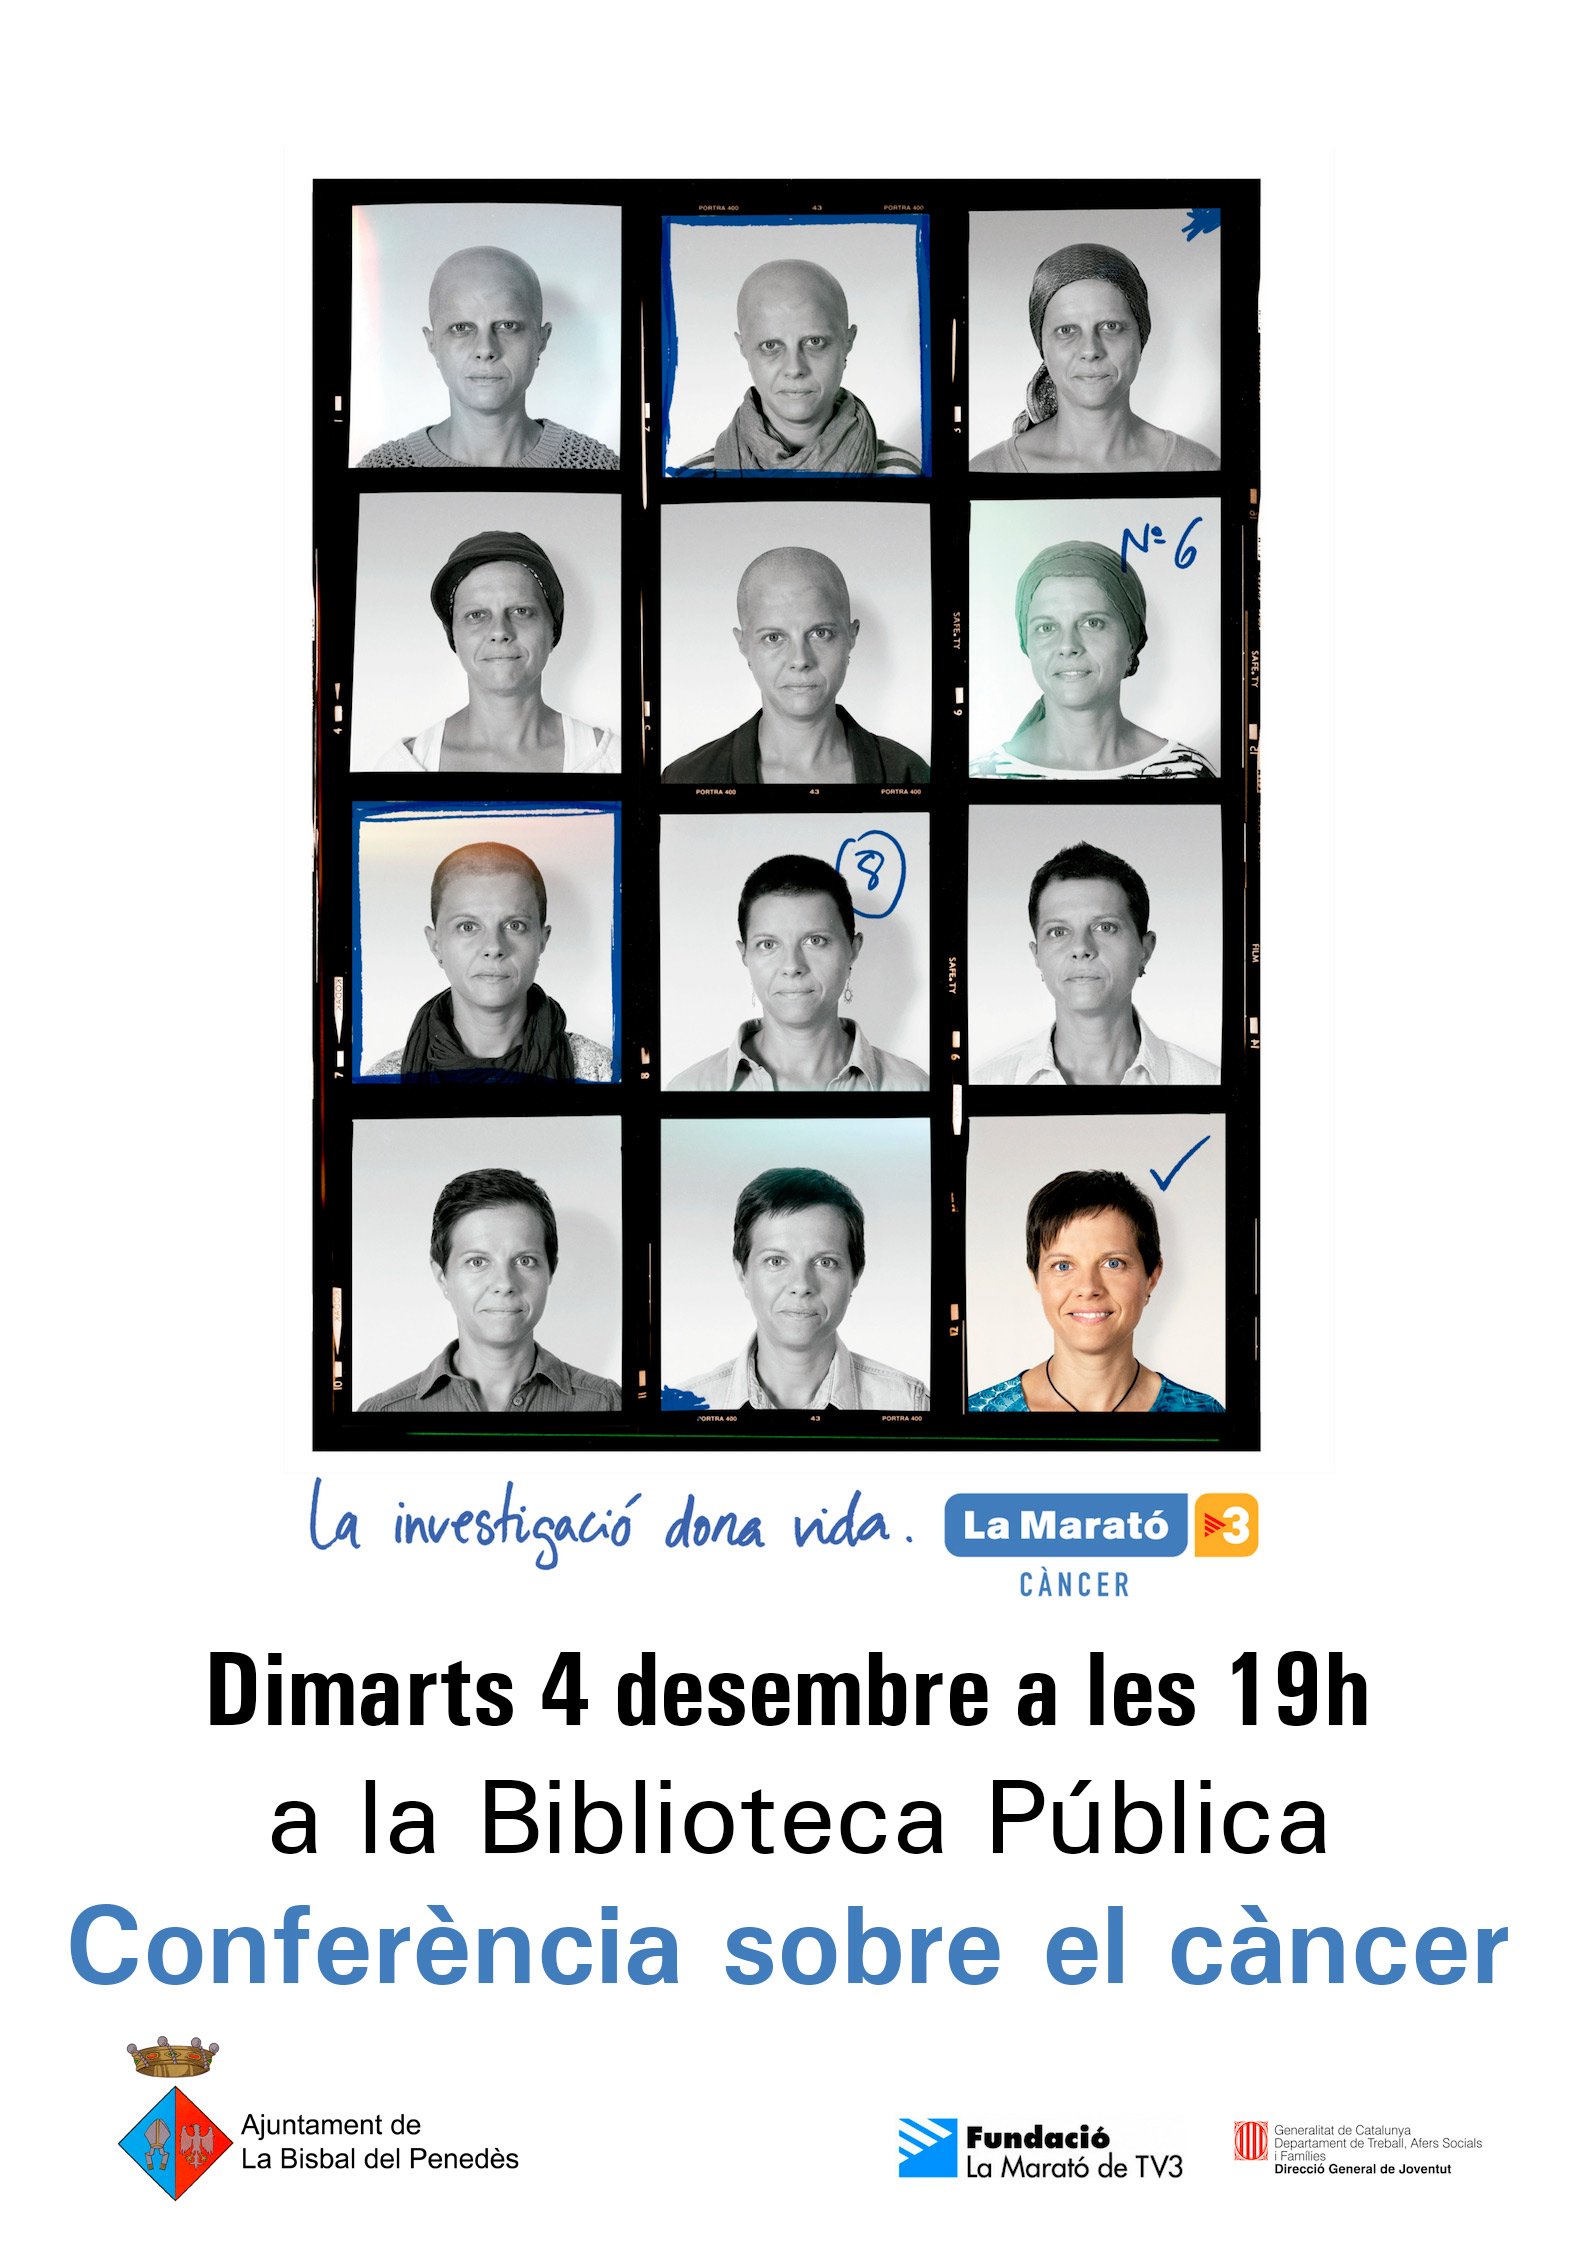 El dimarts 4 de desembre es farà una conferència sobre el càncer a la Biblioteca